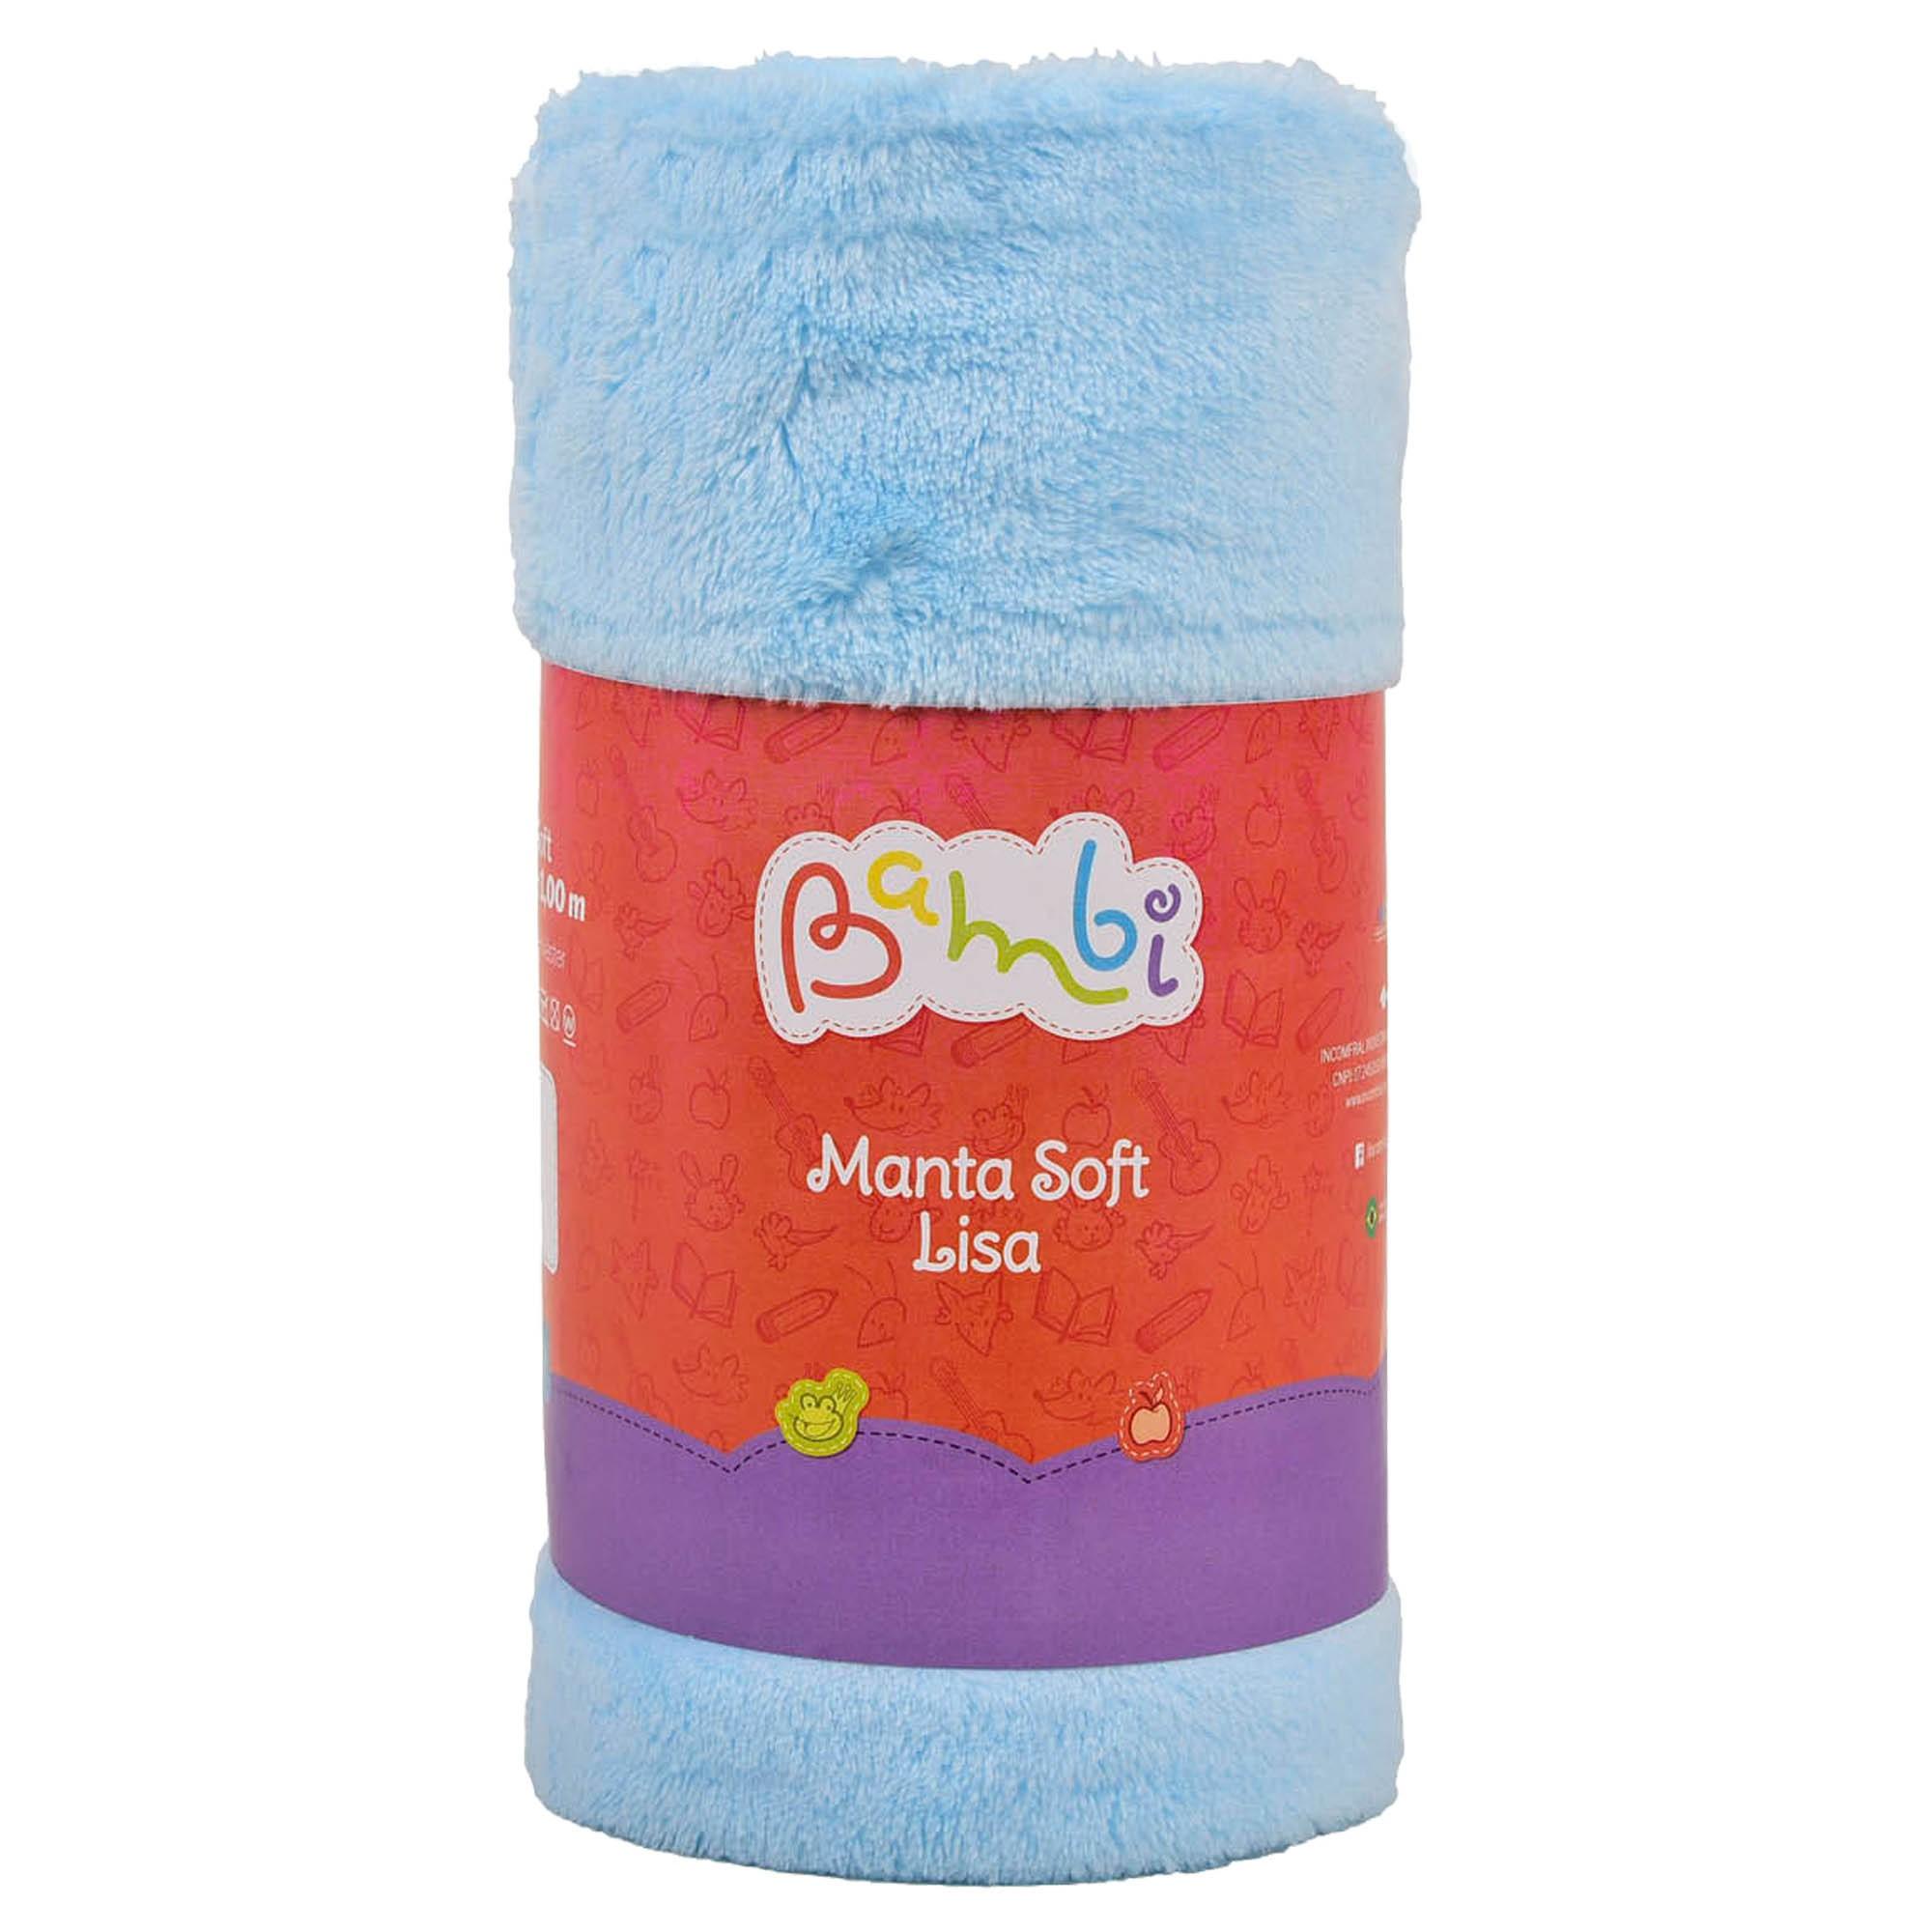 Manta Soft Lisa Rolinho - Incomfral - Bambi - Azul